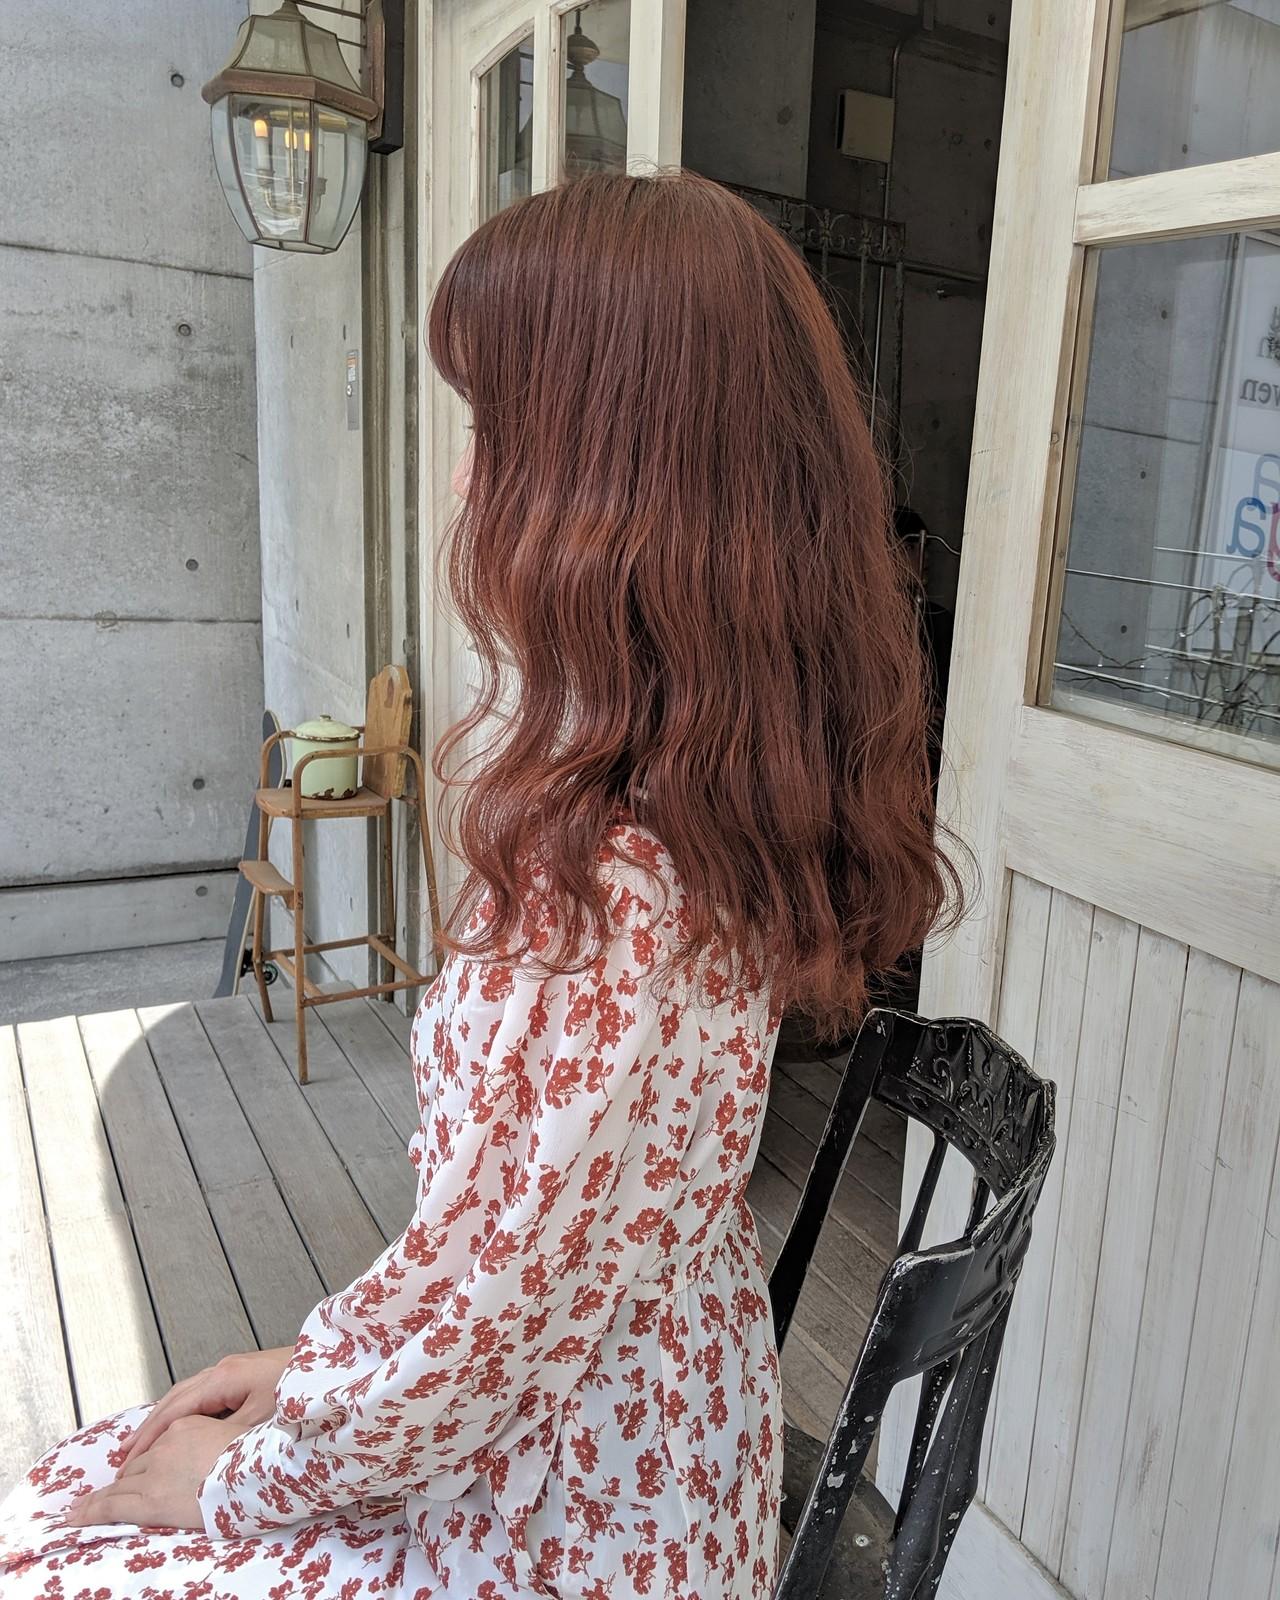 ピンク ガーリー デート ピンクブラウン ヘアスタイルや髪型の写真・画像 | HIFUMI / möwen